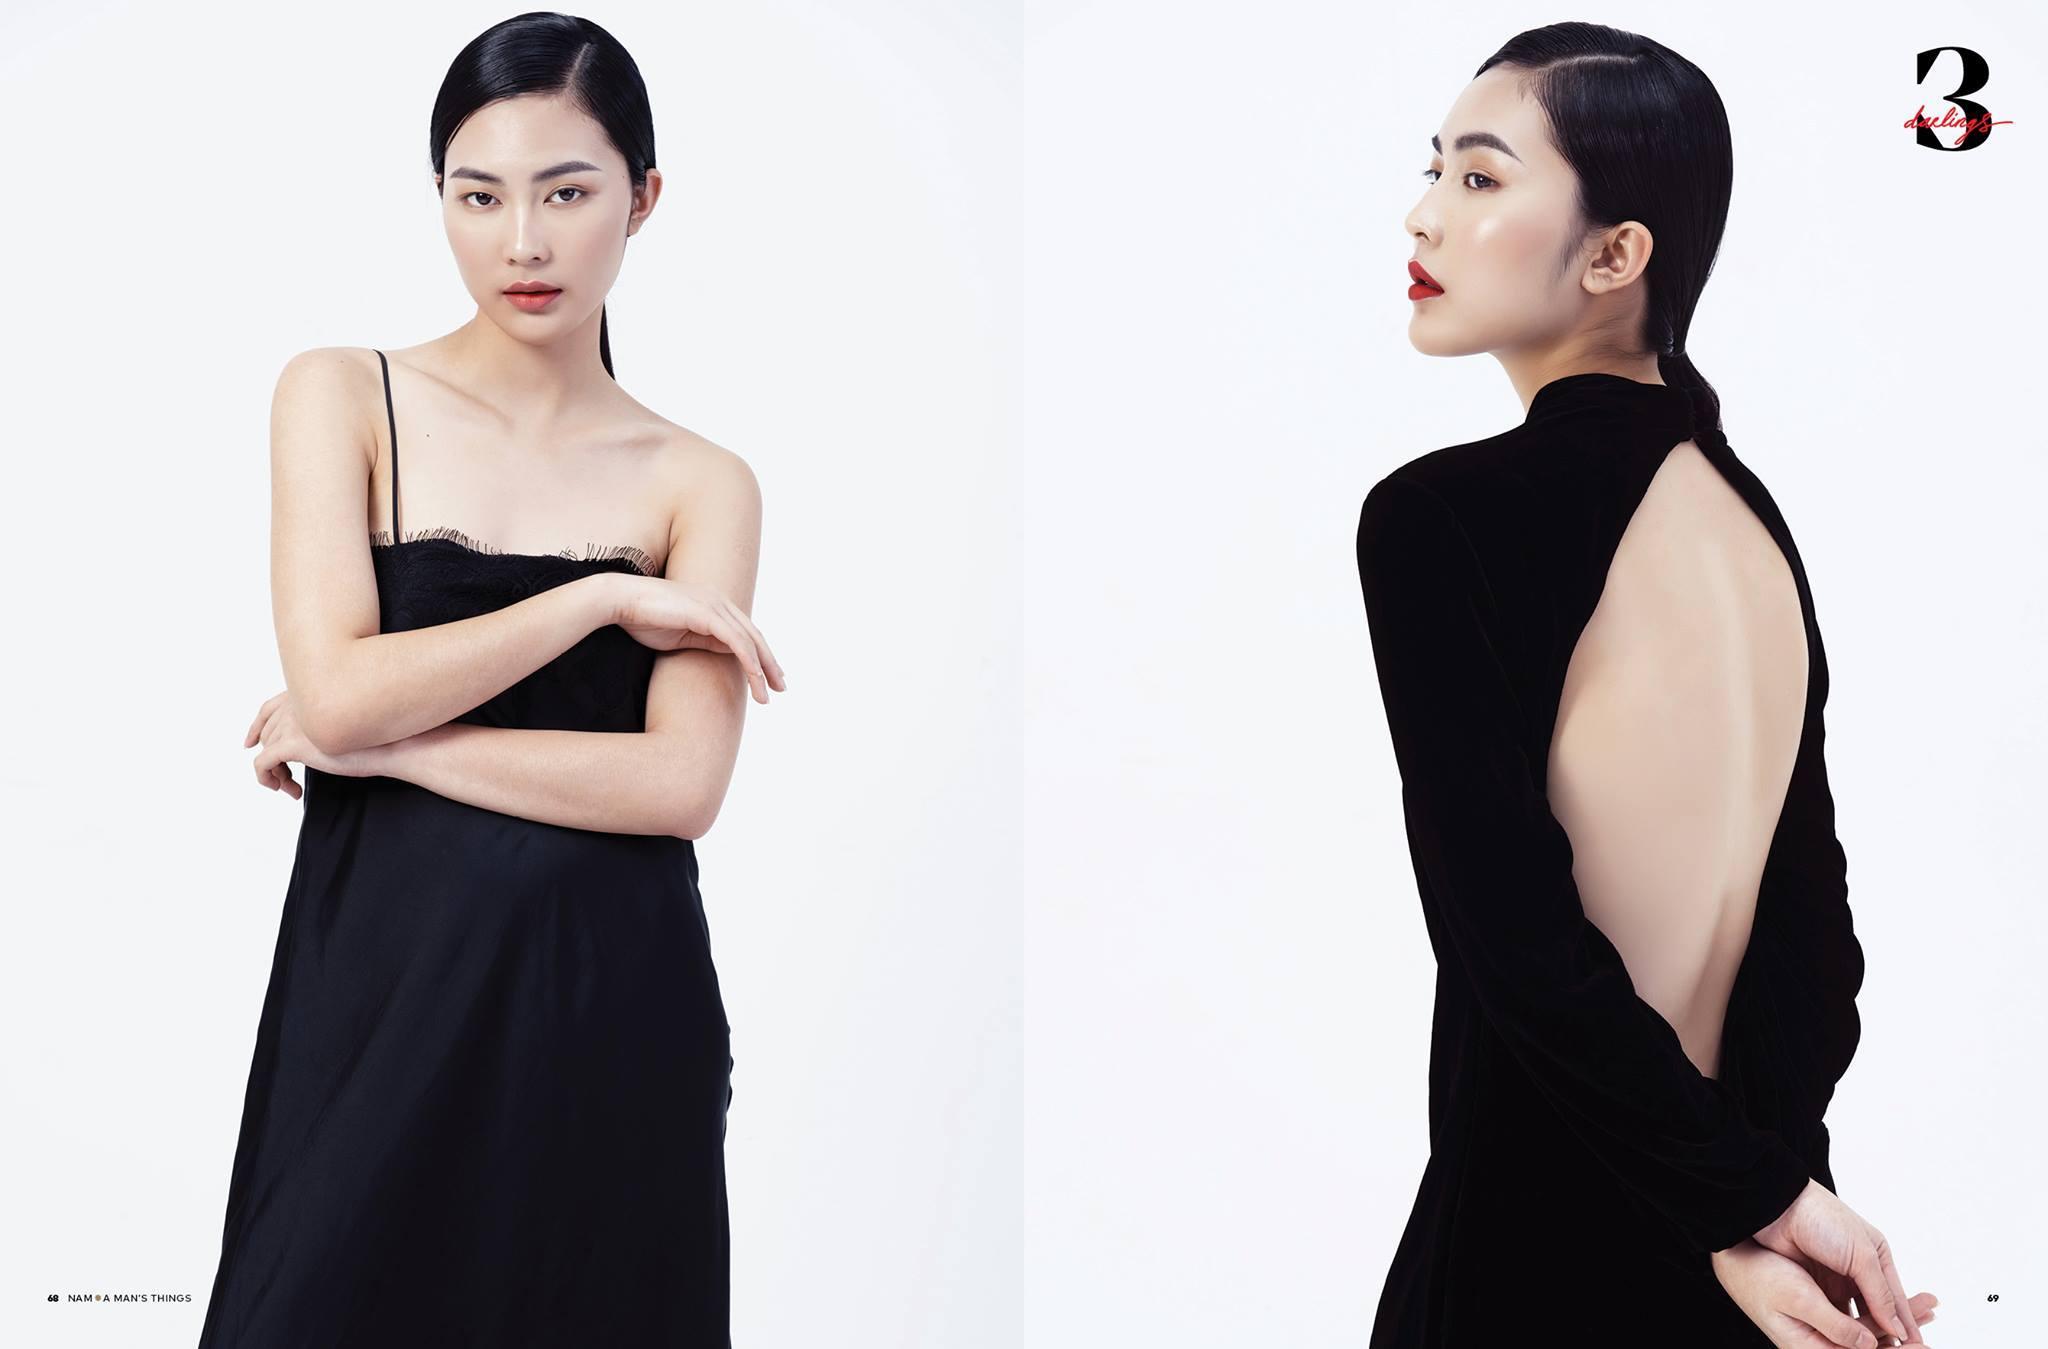 Bí quyết làm đẹp của hot girl vạn người mê Helly Tống - 10